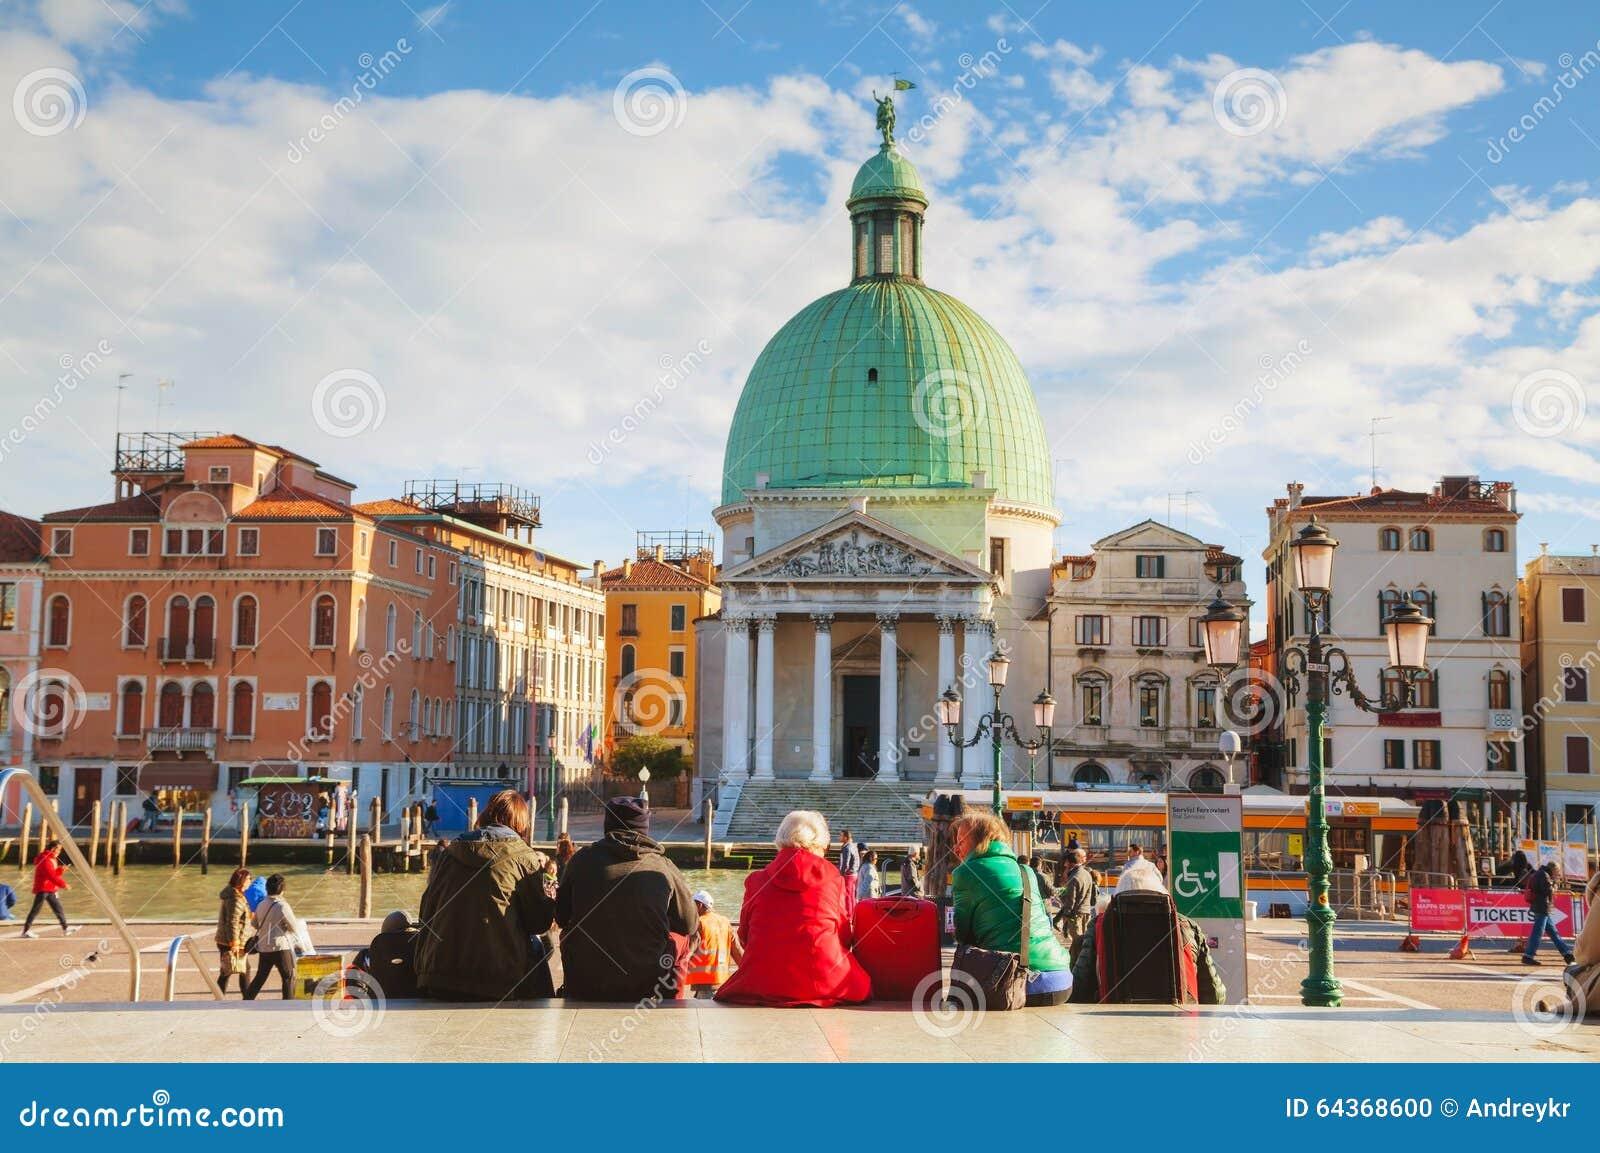 Обзор Венеция, Италия с туристами около вокзала